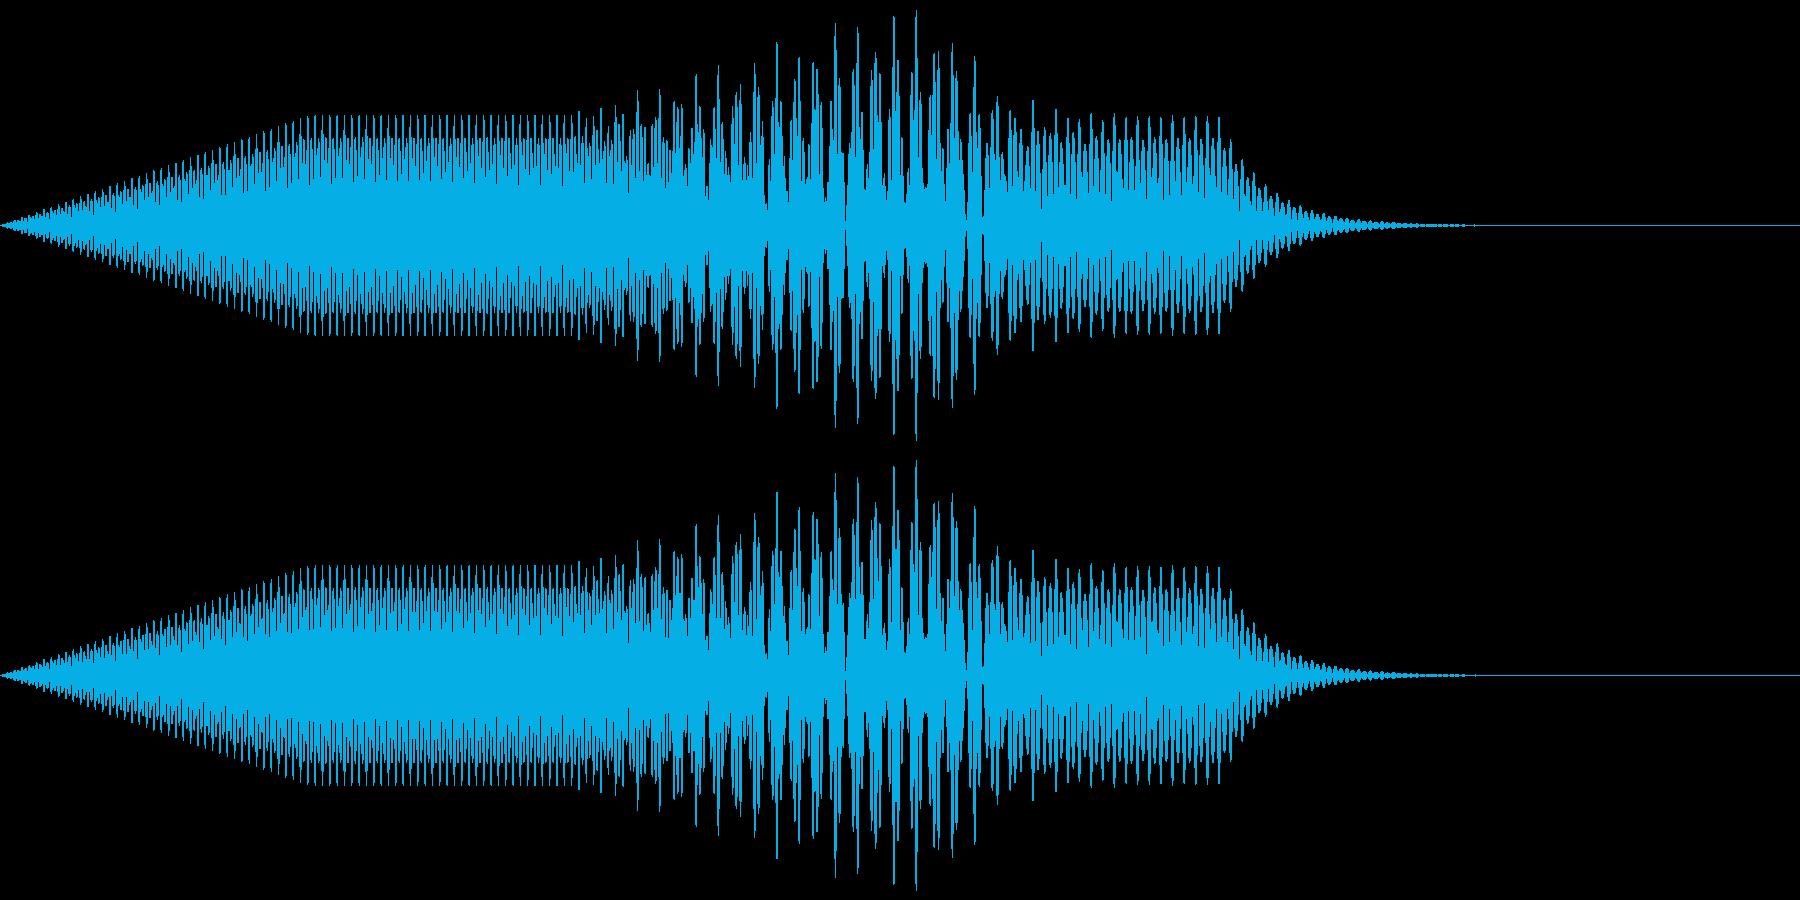 「キャンセル」などのイメージの電子音の再生済みの波形